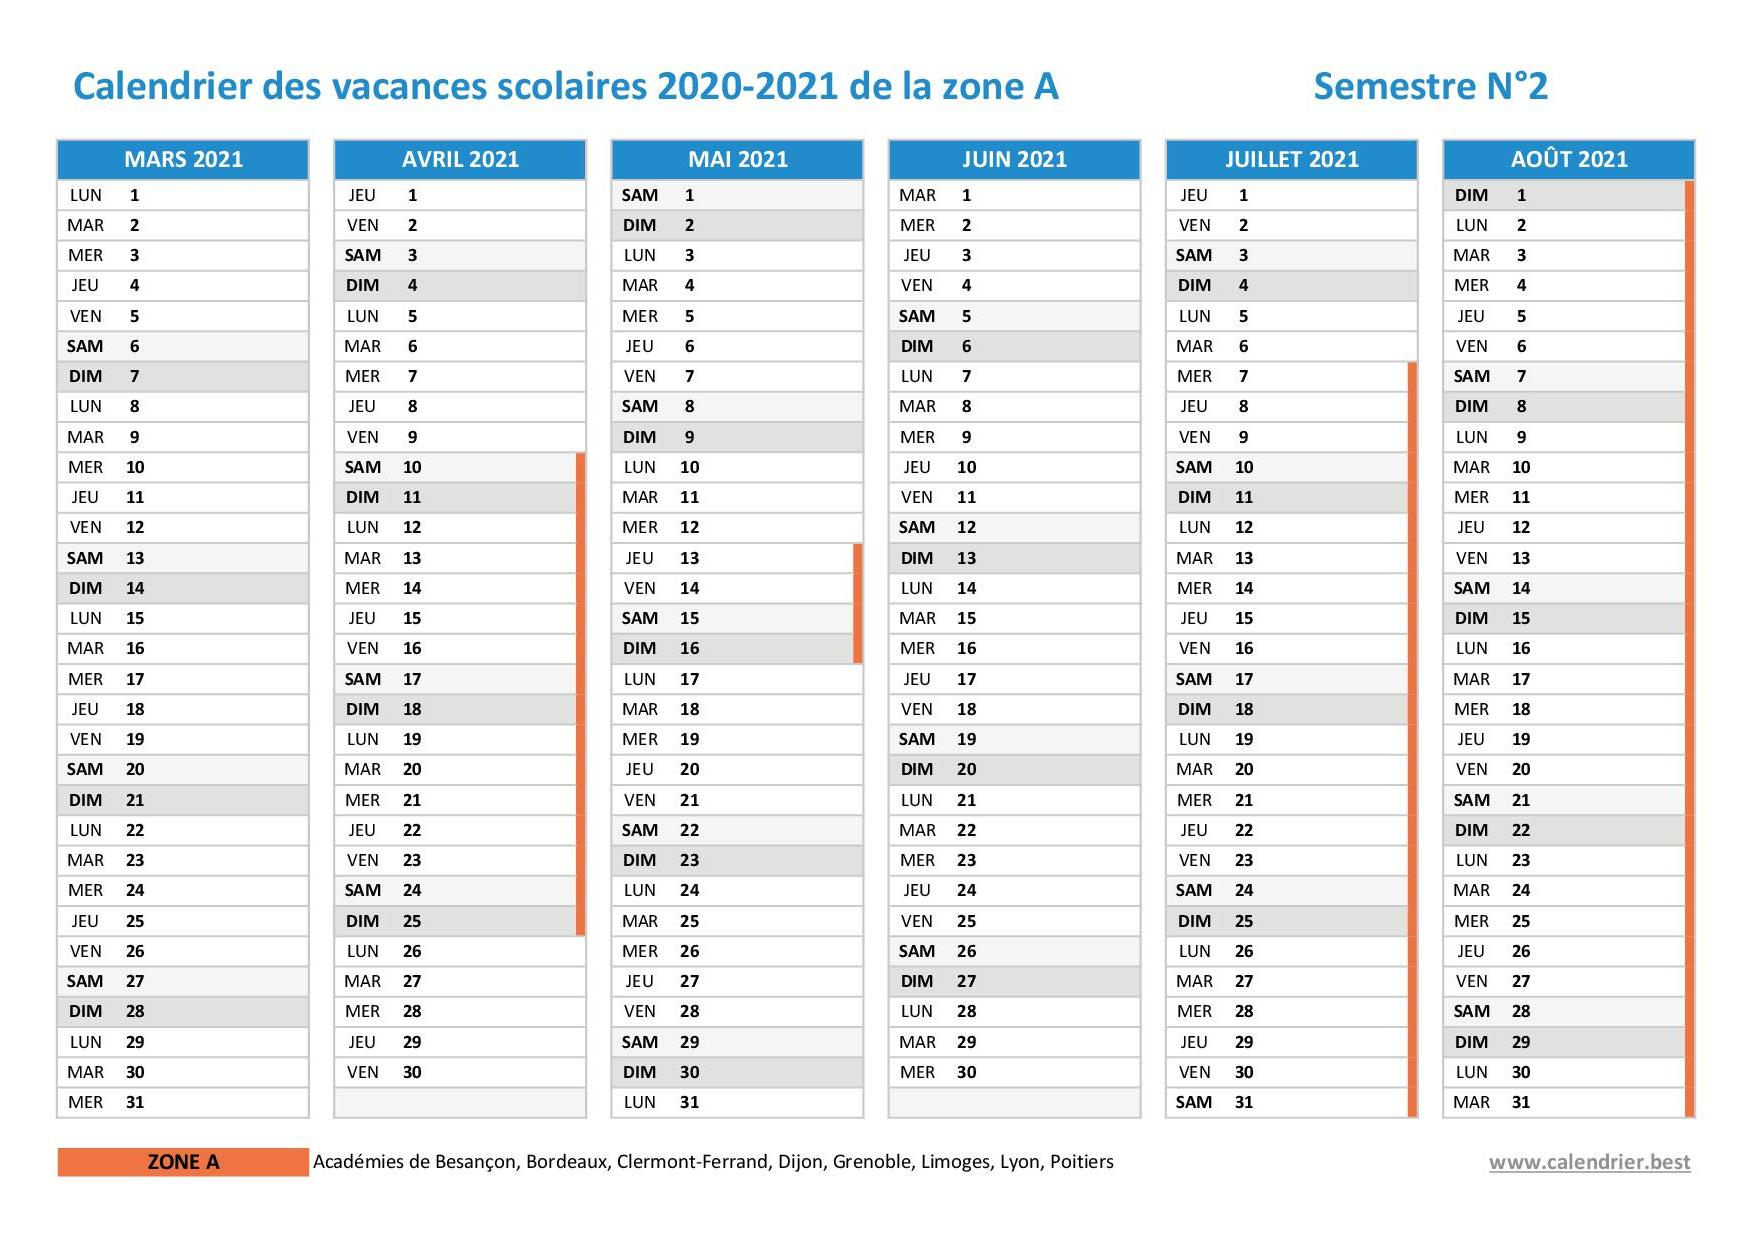 Vacances scolaires 2020 2021 Dijon : dates et calendrier